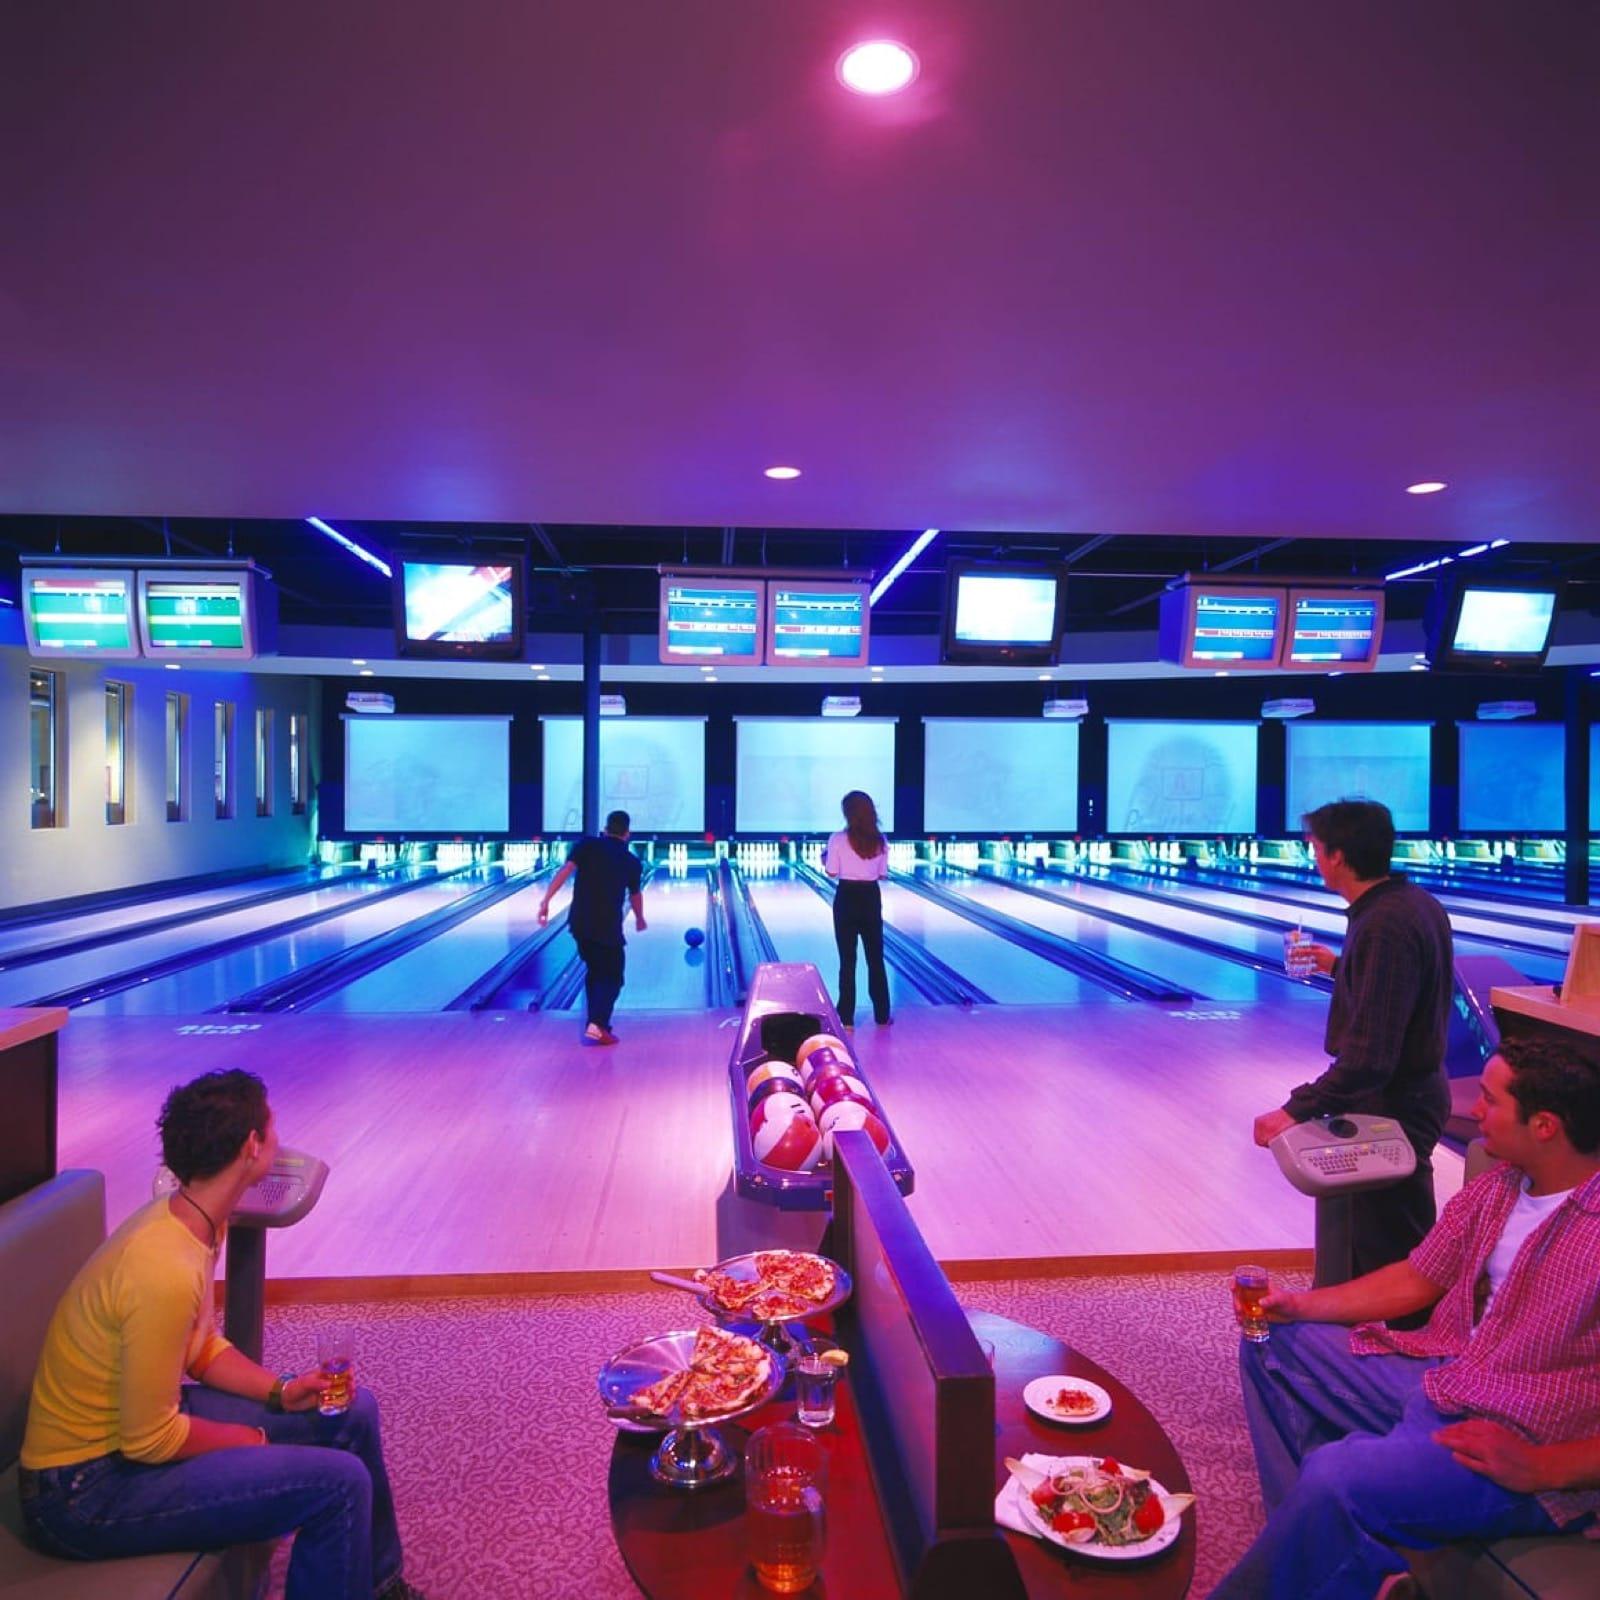 Palasad South Restaurant and Gaming